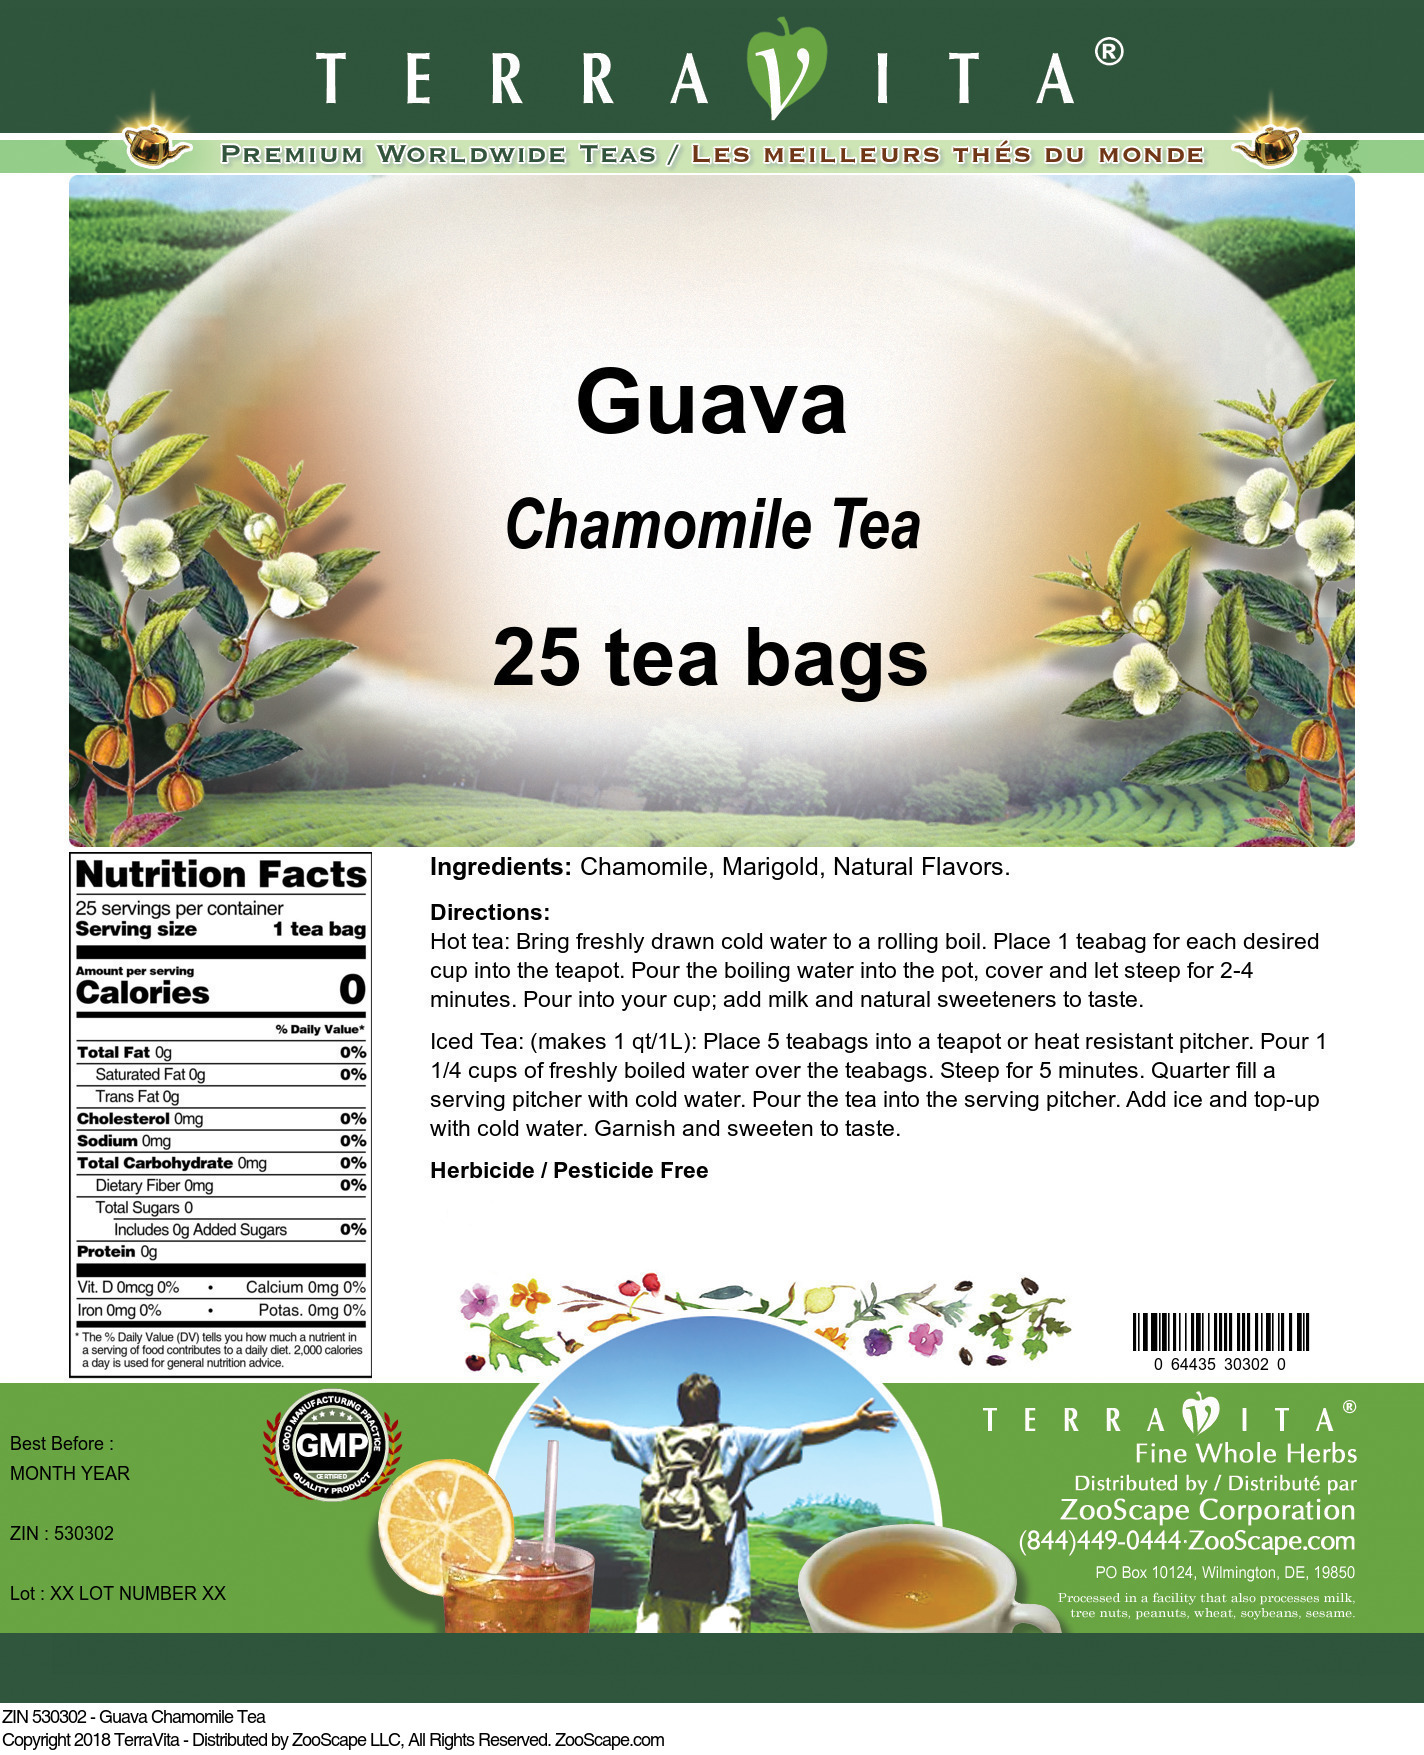 Guava Chamomile Tea